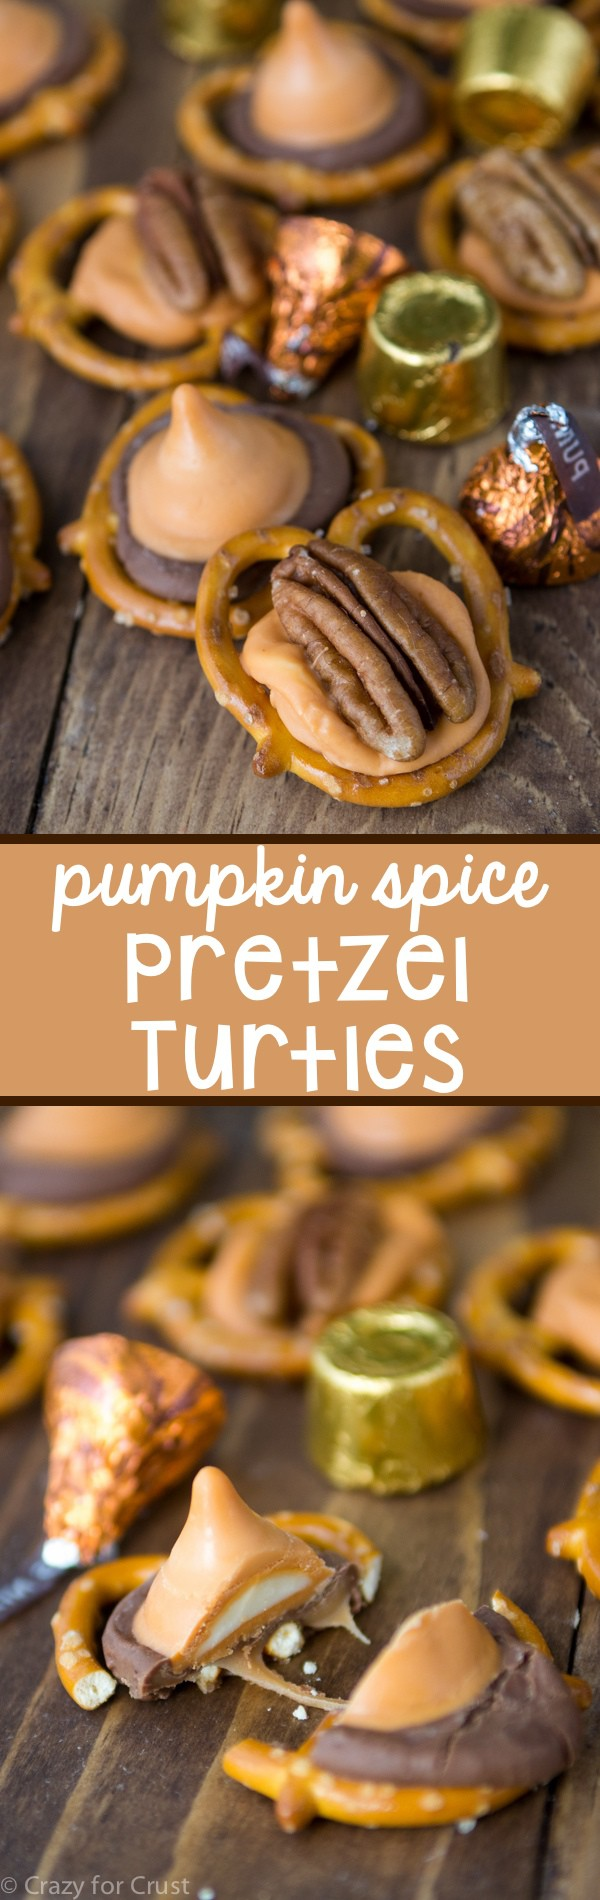 Pumpkin Spice Pretzel Turtles - only 3 ingredients that taste SO GOOD!